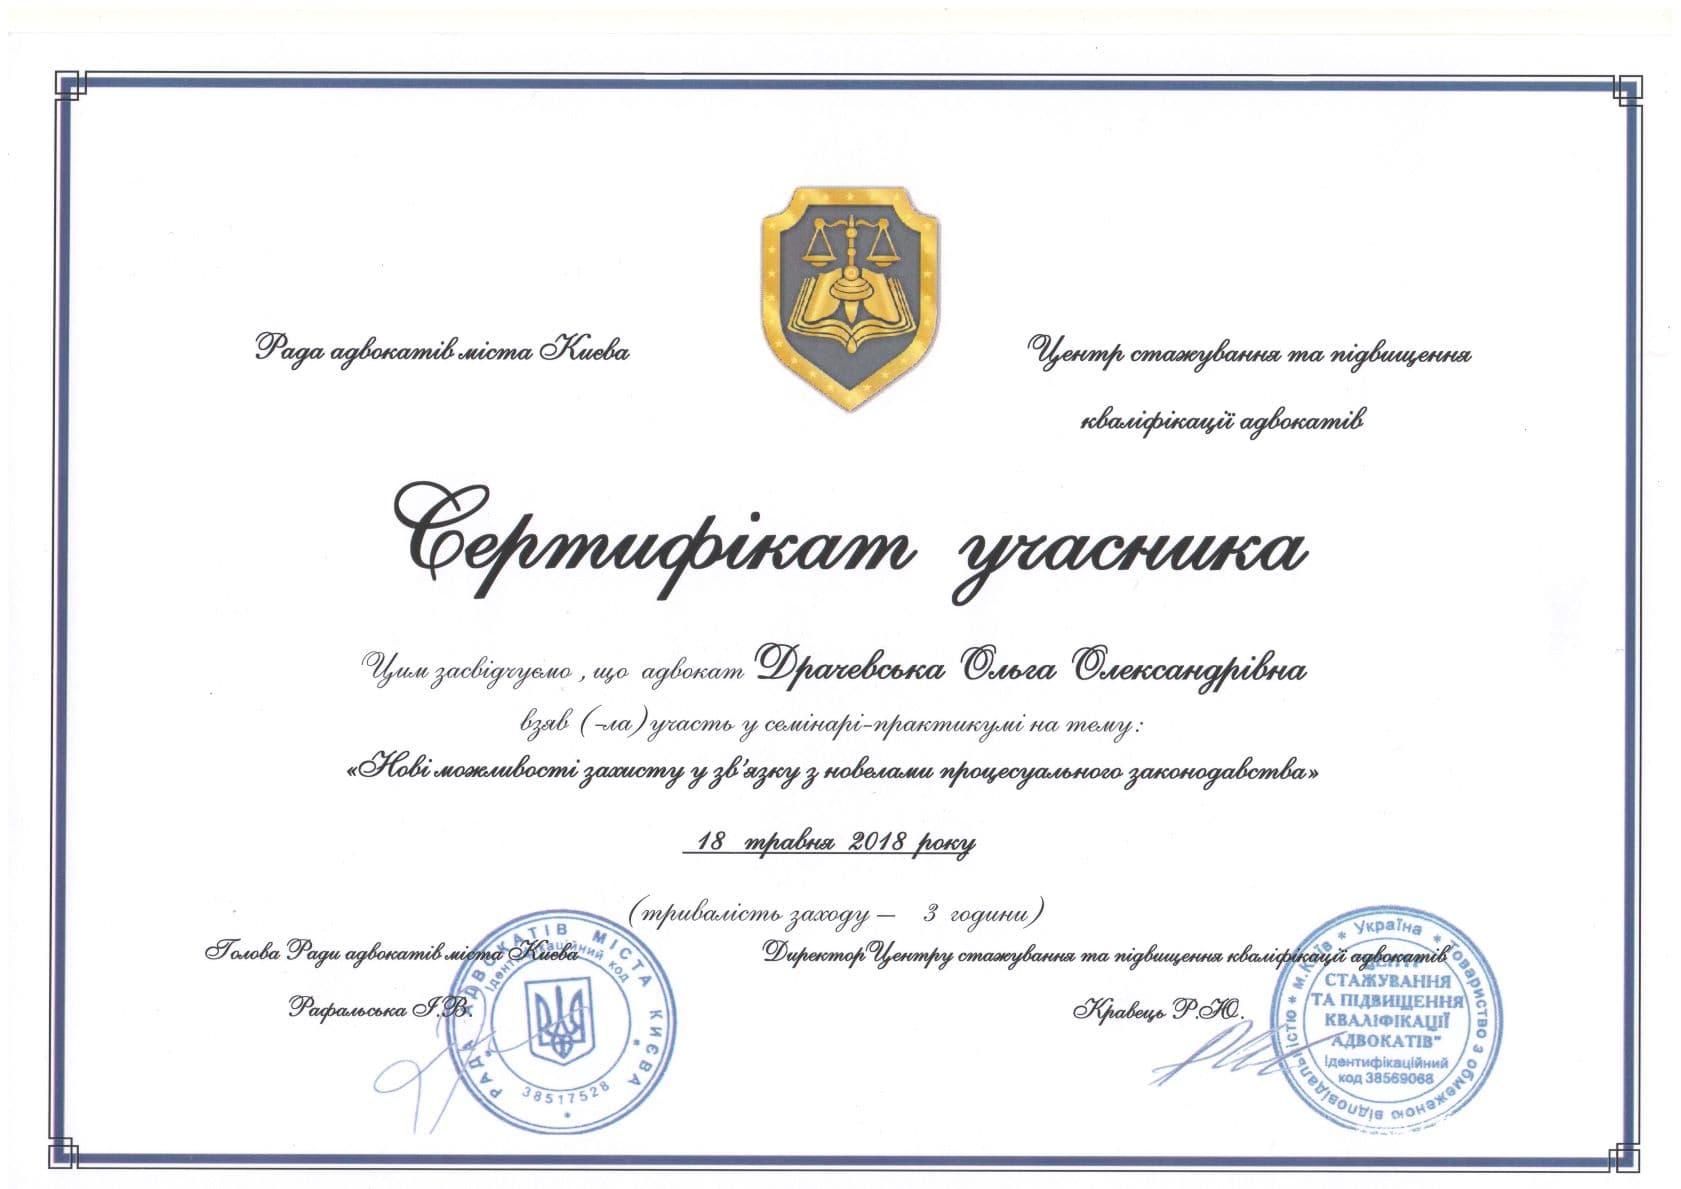 Драчевская Ольга, Drachevska Olga